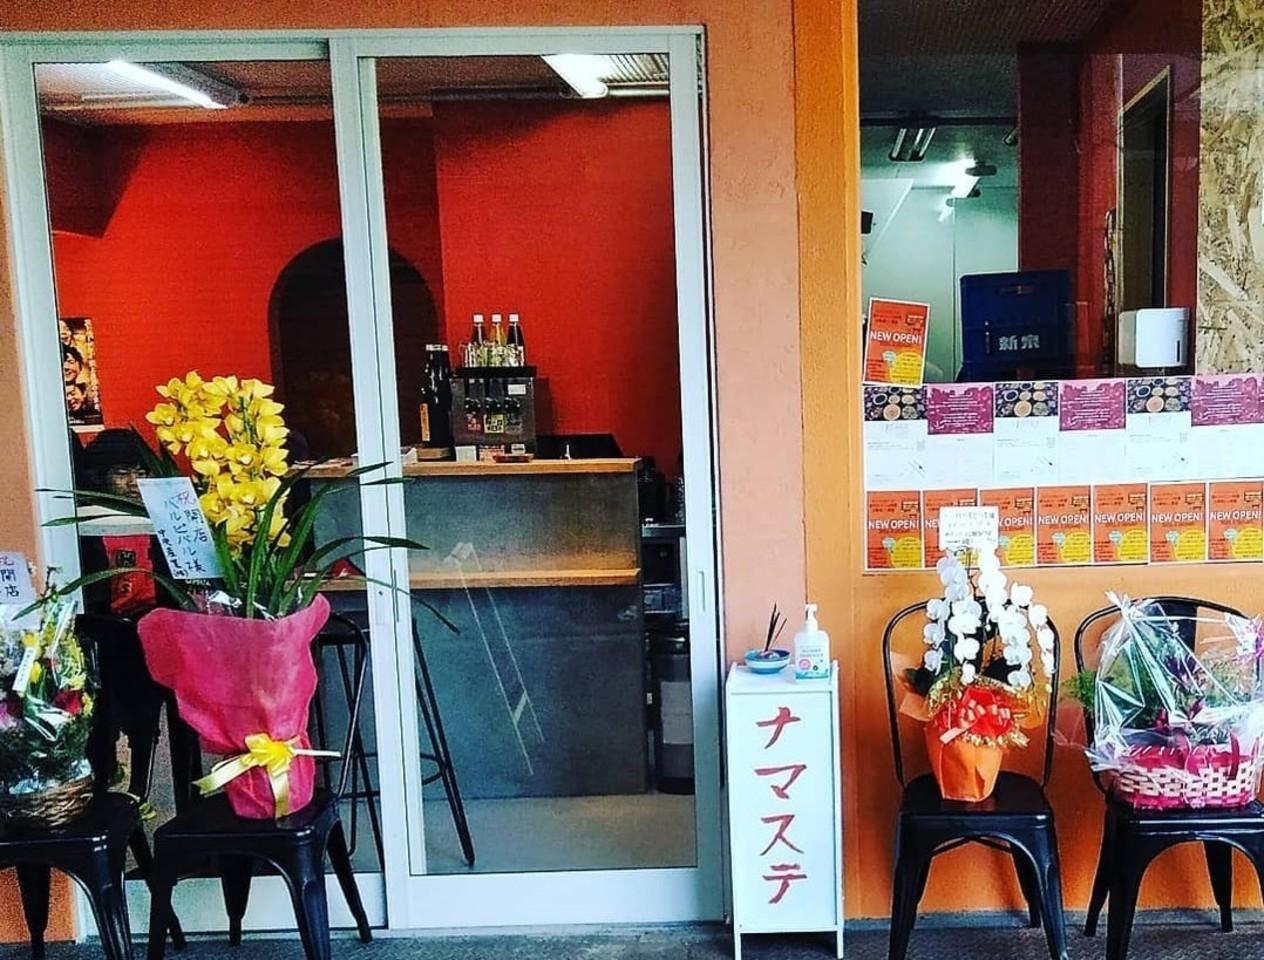 大阪府茨木市元町にネパール食堂「バルピパル」が本日オープンのようです。